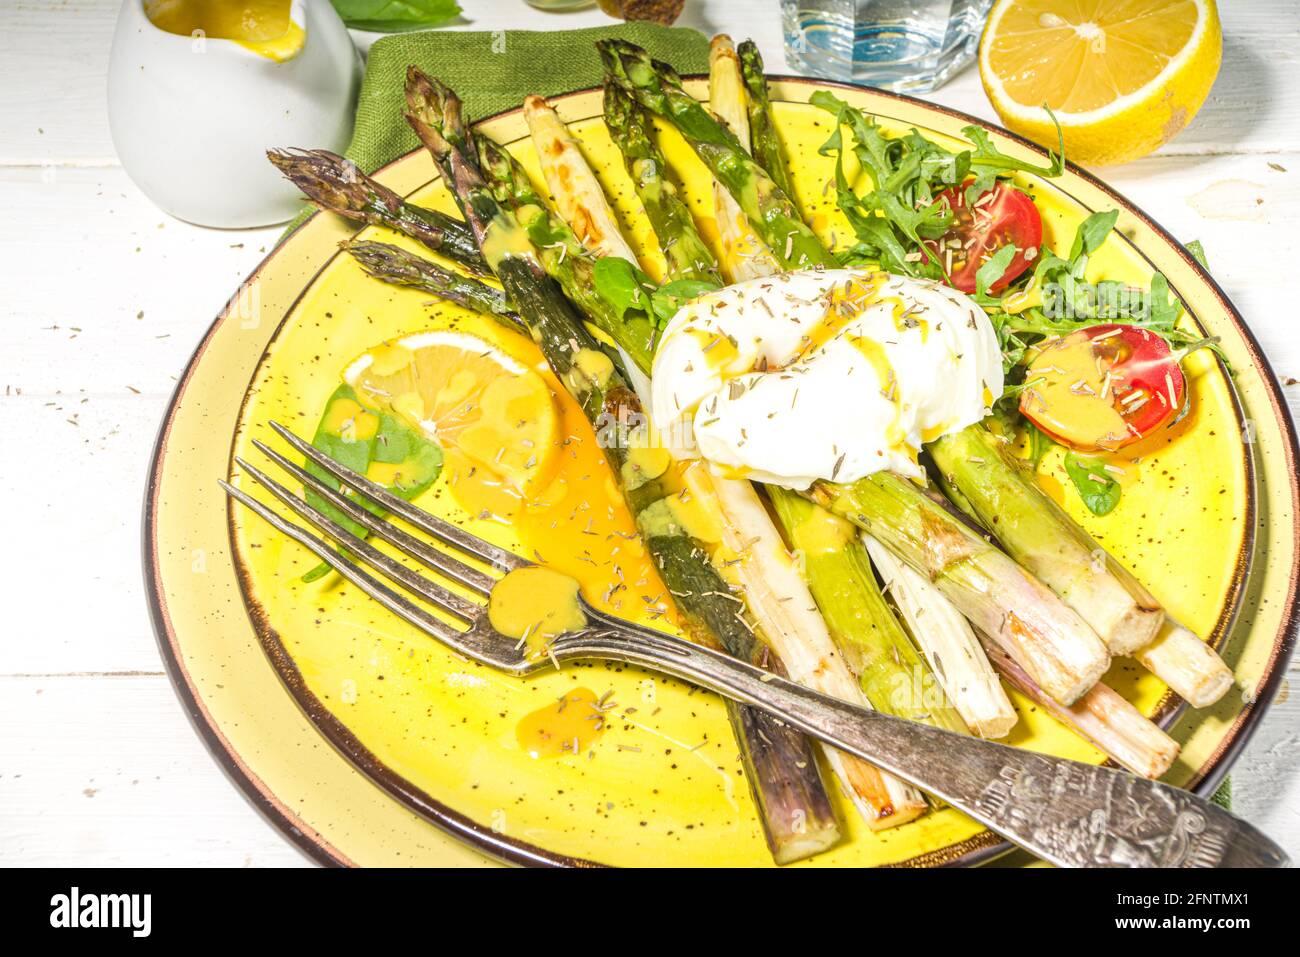 Nourriture saine, asperges grillées au four, œuf poché et sauce hollandaise sur fond de bois blanc espace copie vue du dessus Banque D'Images